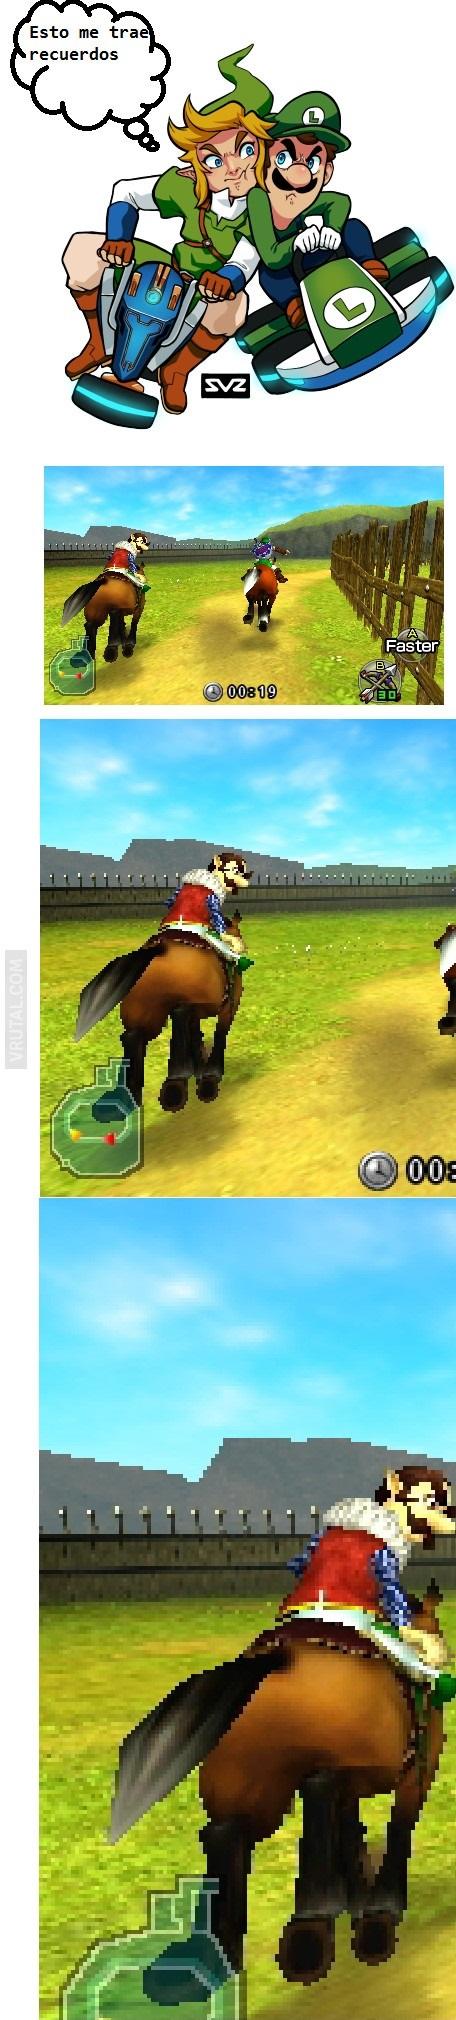 Luigi y Link en Mario kart